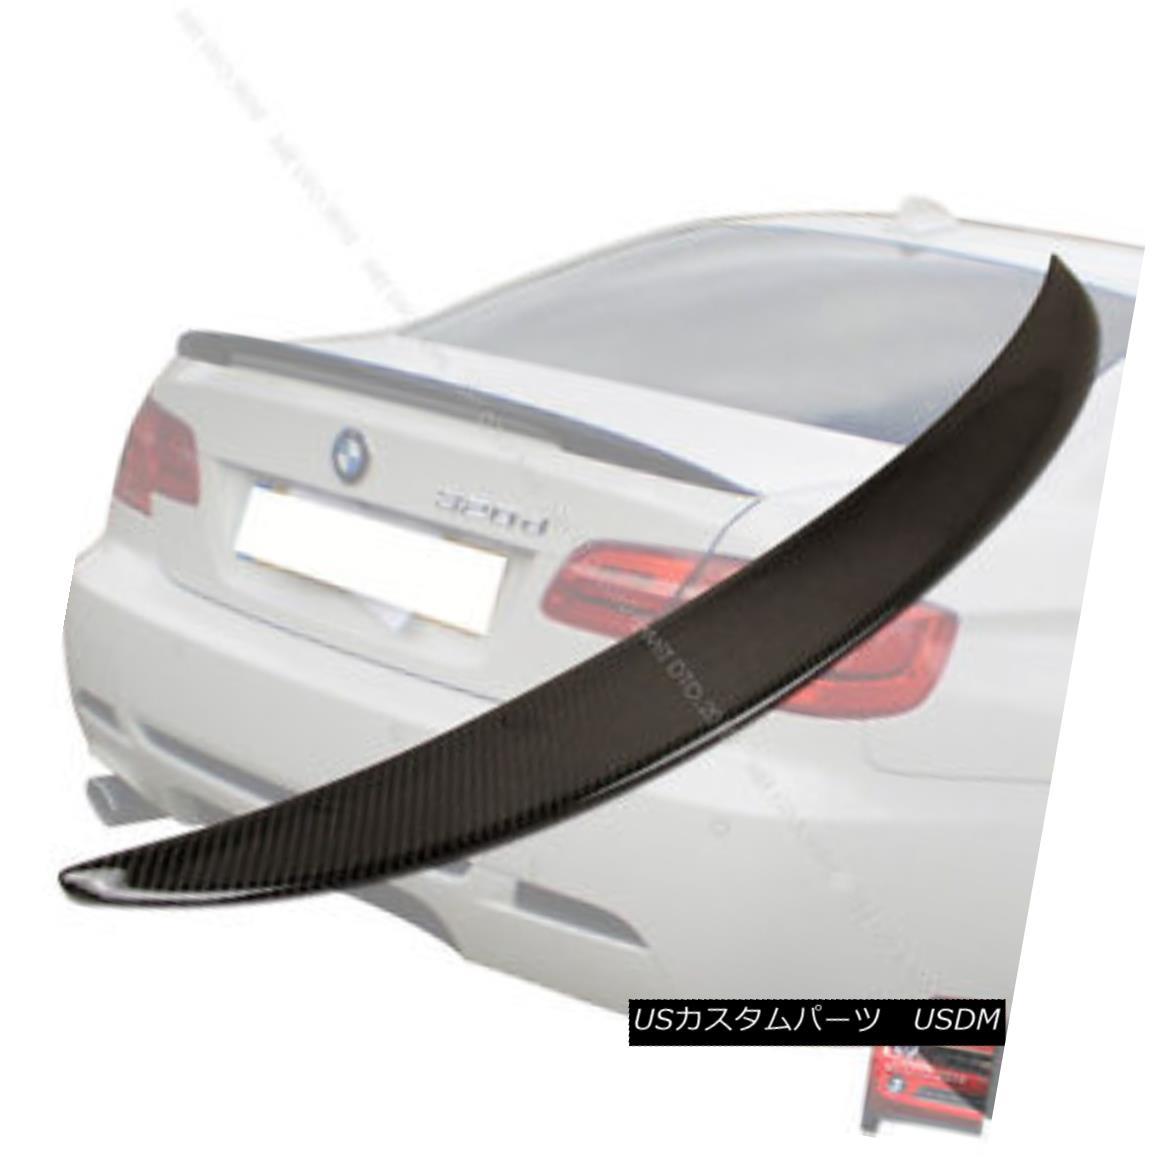 エアロパーツ BMW E92 2D Performance Carbon Fiber Higher Rear Trunk Spoiler Wing 320d M3 BMW E92 2Dパフォーマンスカーボンファイバーより高いリアトランク・スポイラー・ウィング320d M3